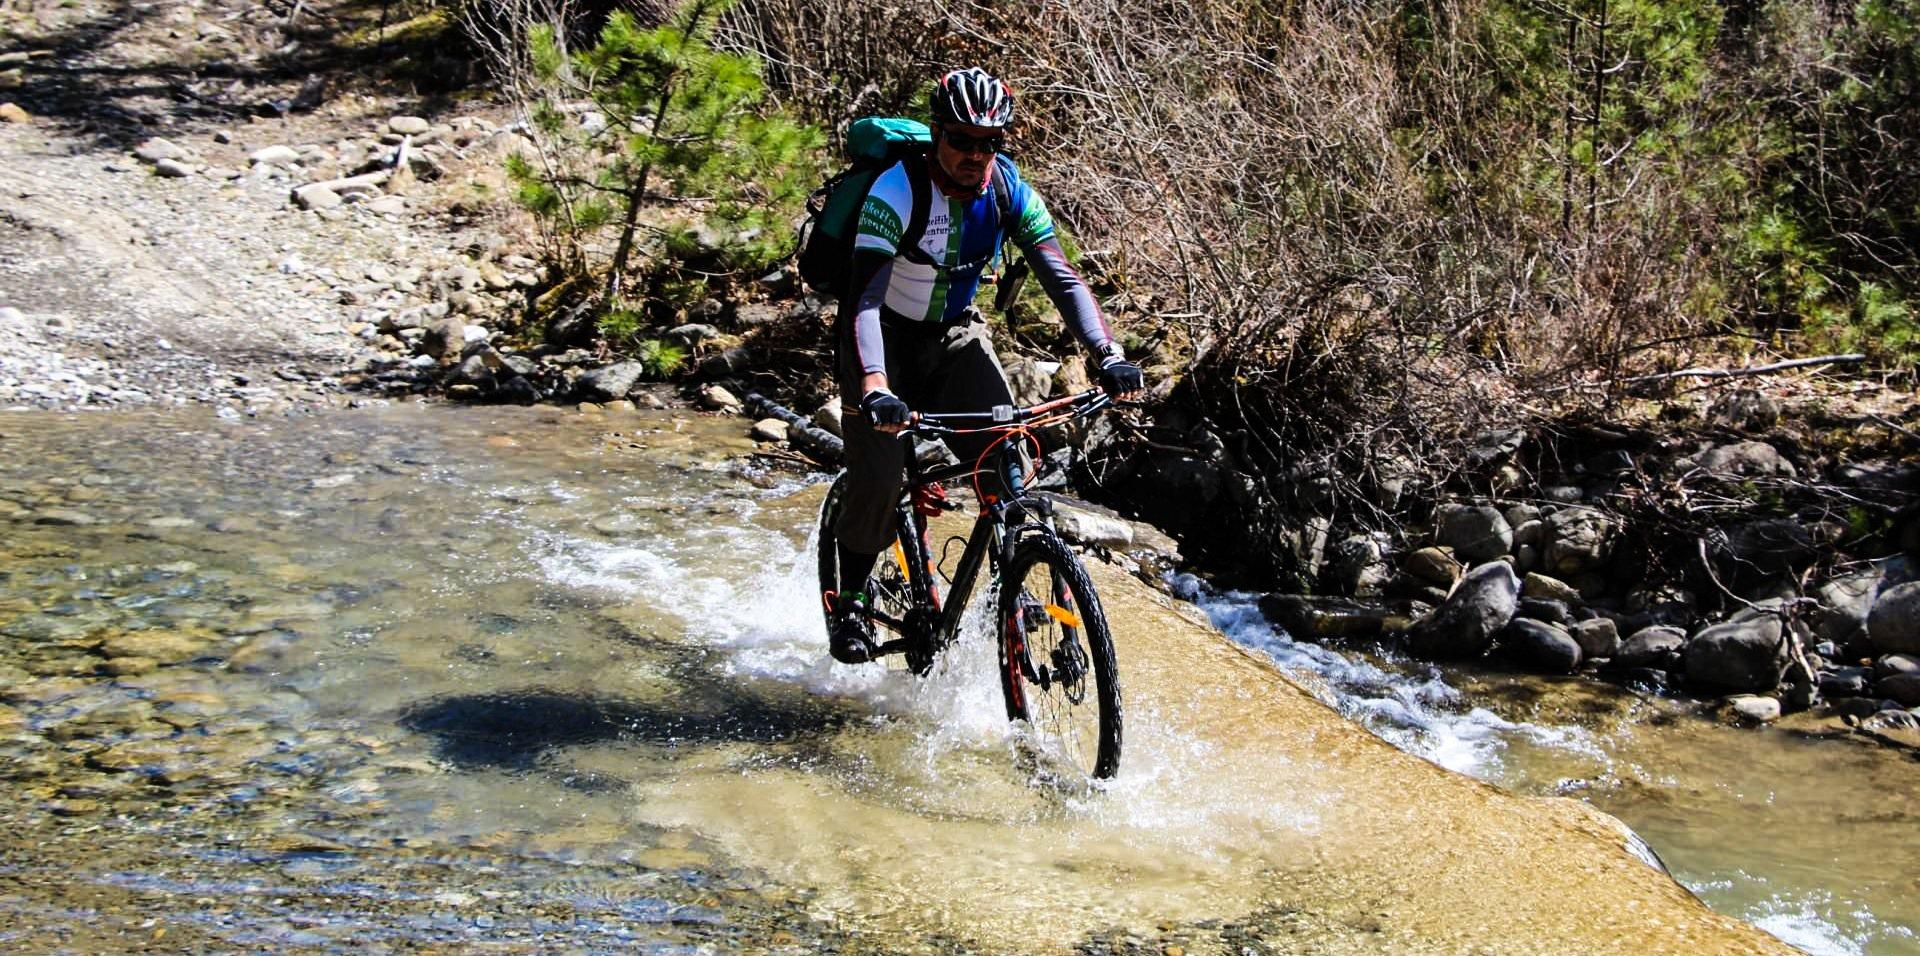 oak Forest Mountain Bike Tour From Elati Village - Ioannina_94_3